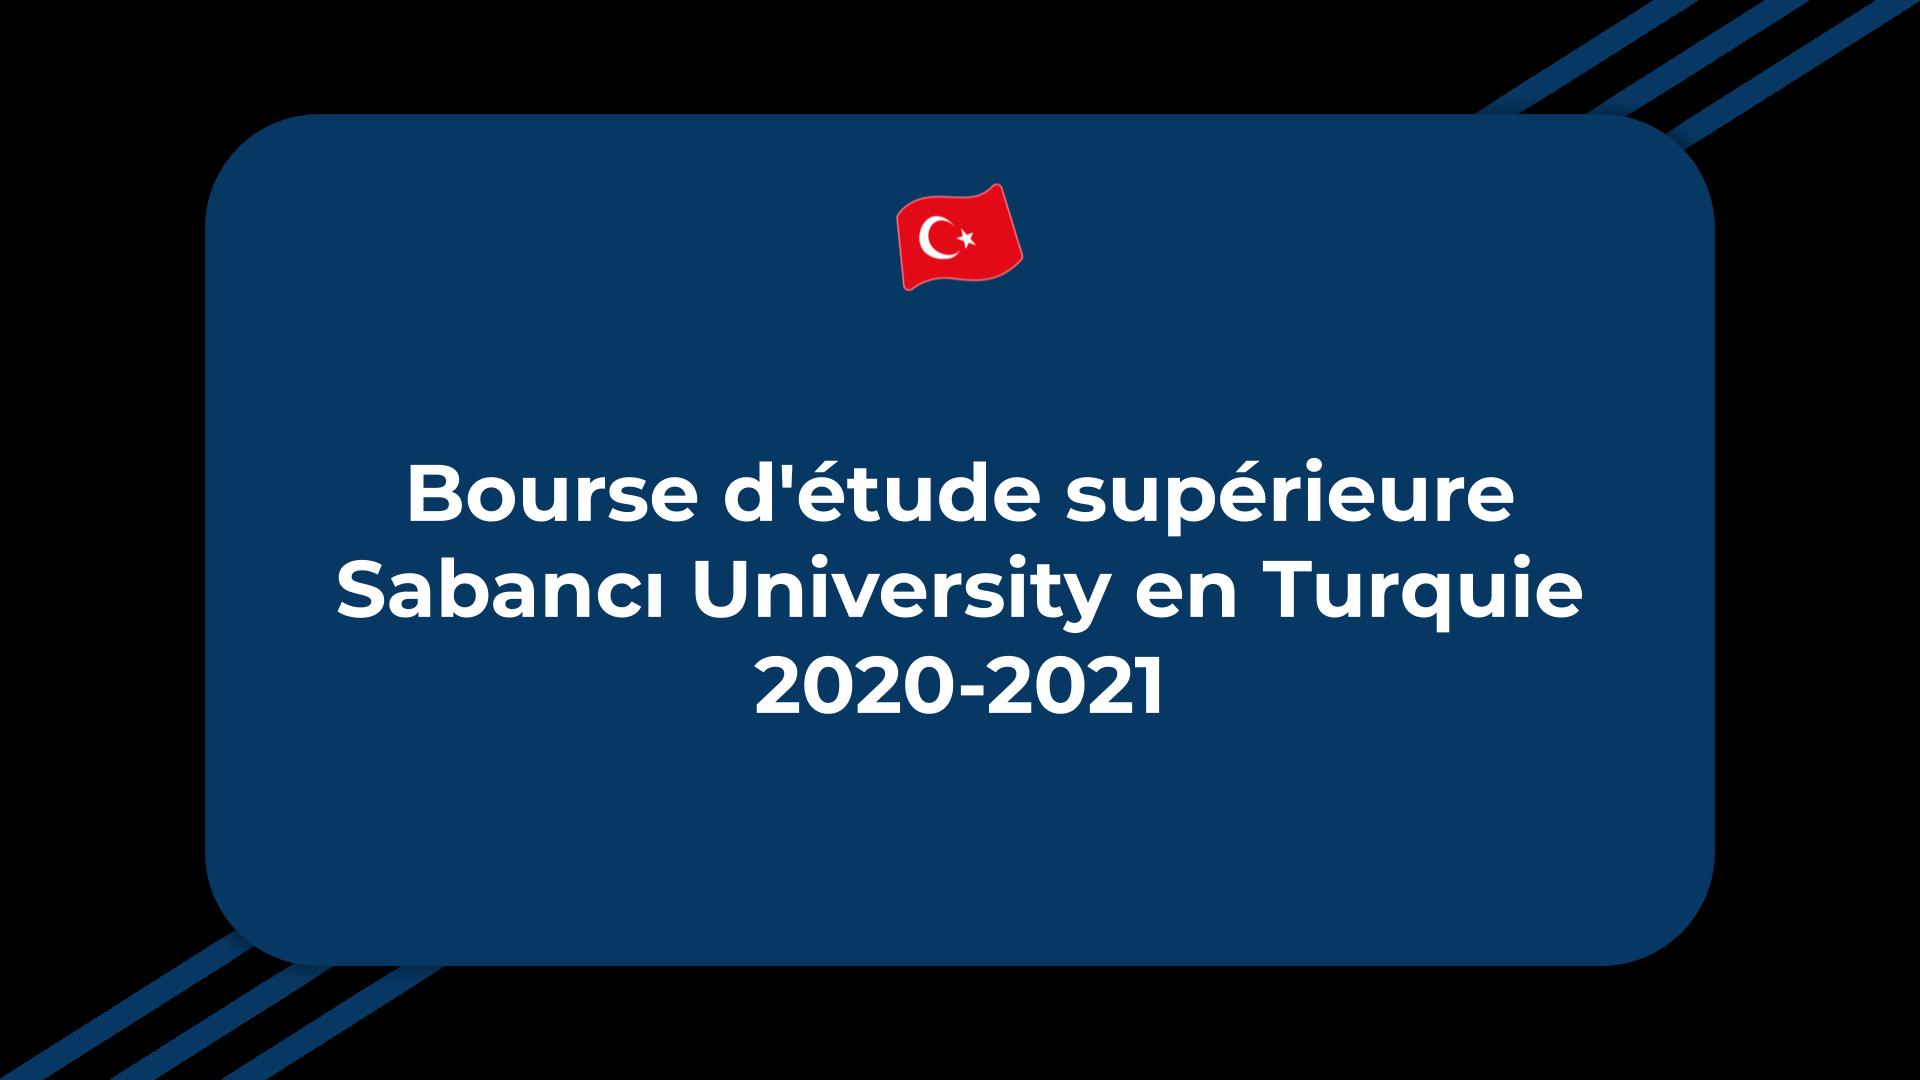 Bourse d'étude supérieure Sabancı University